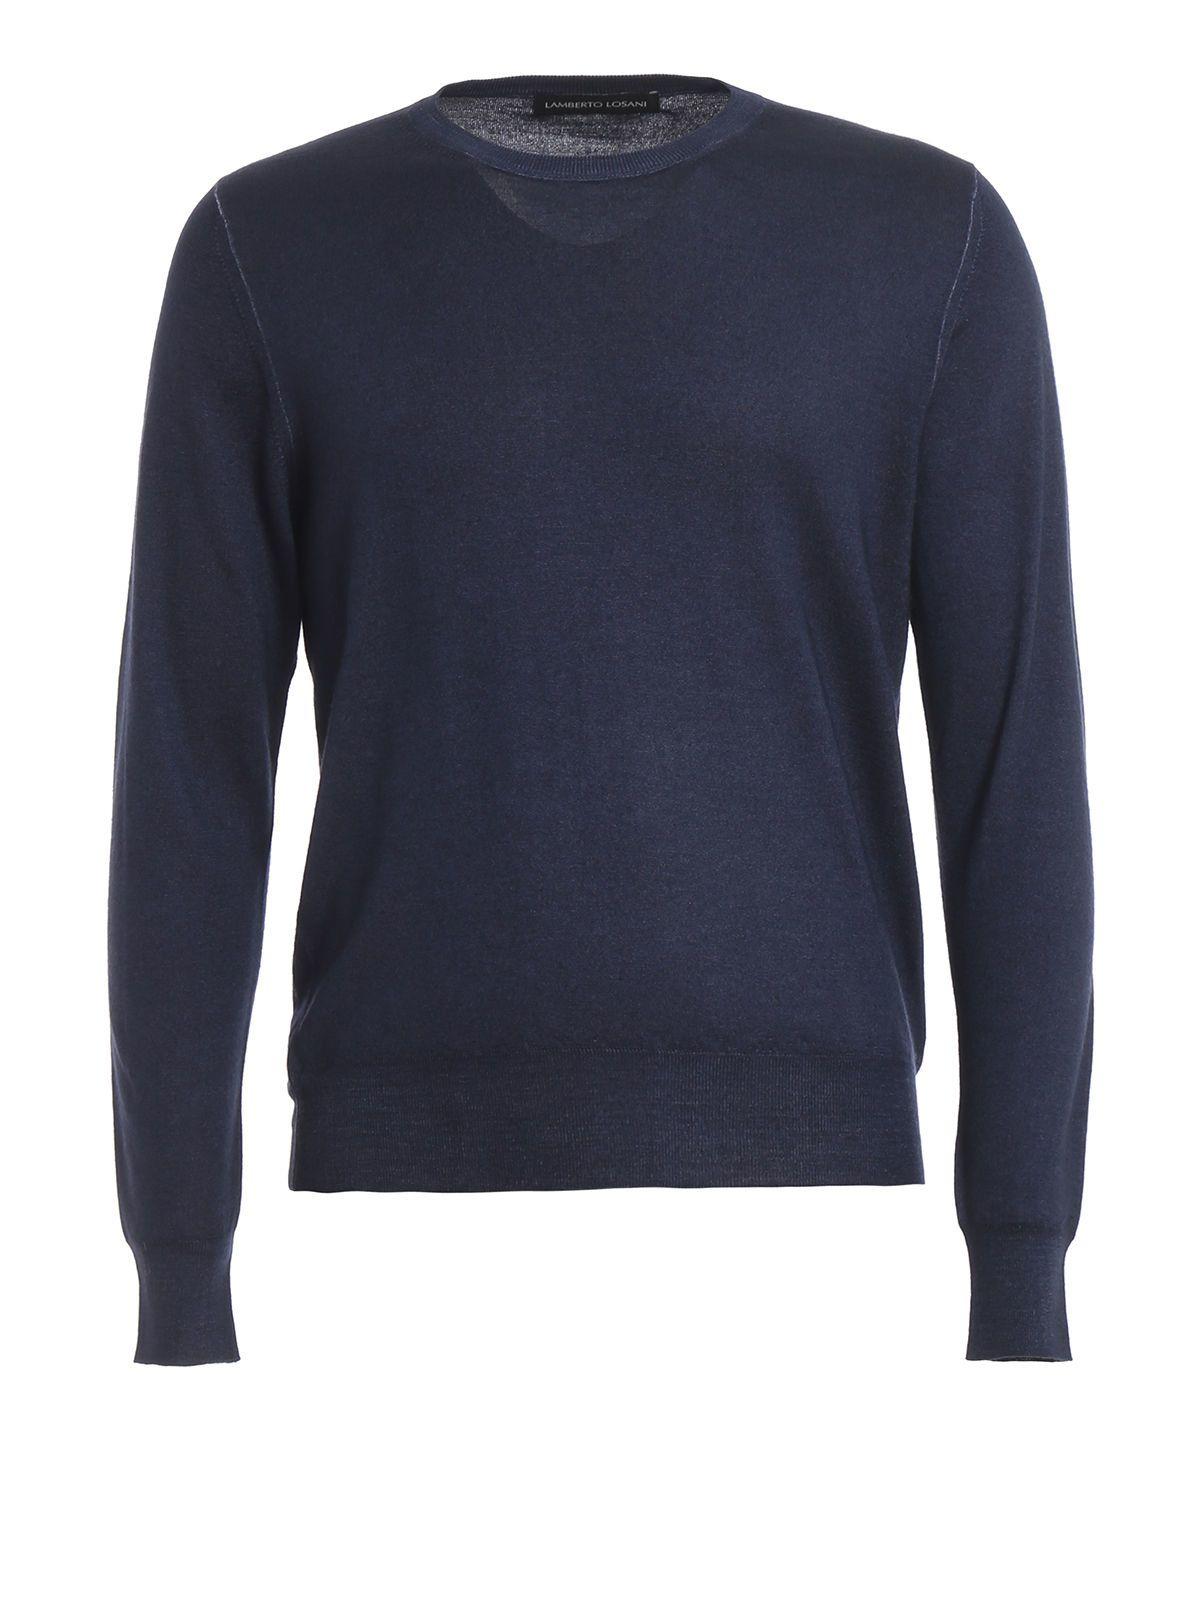 Lamberto Losani Classic Sweater